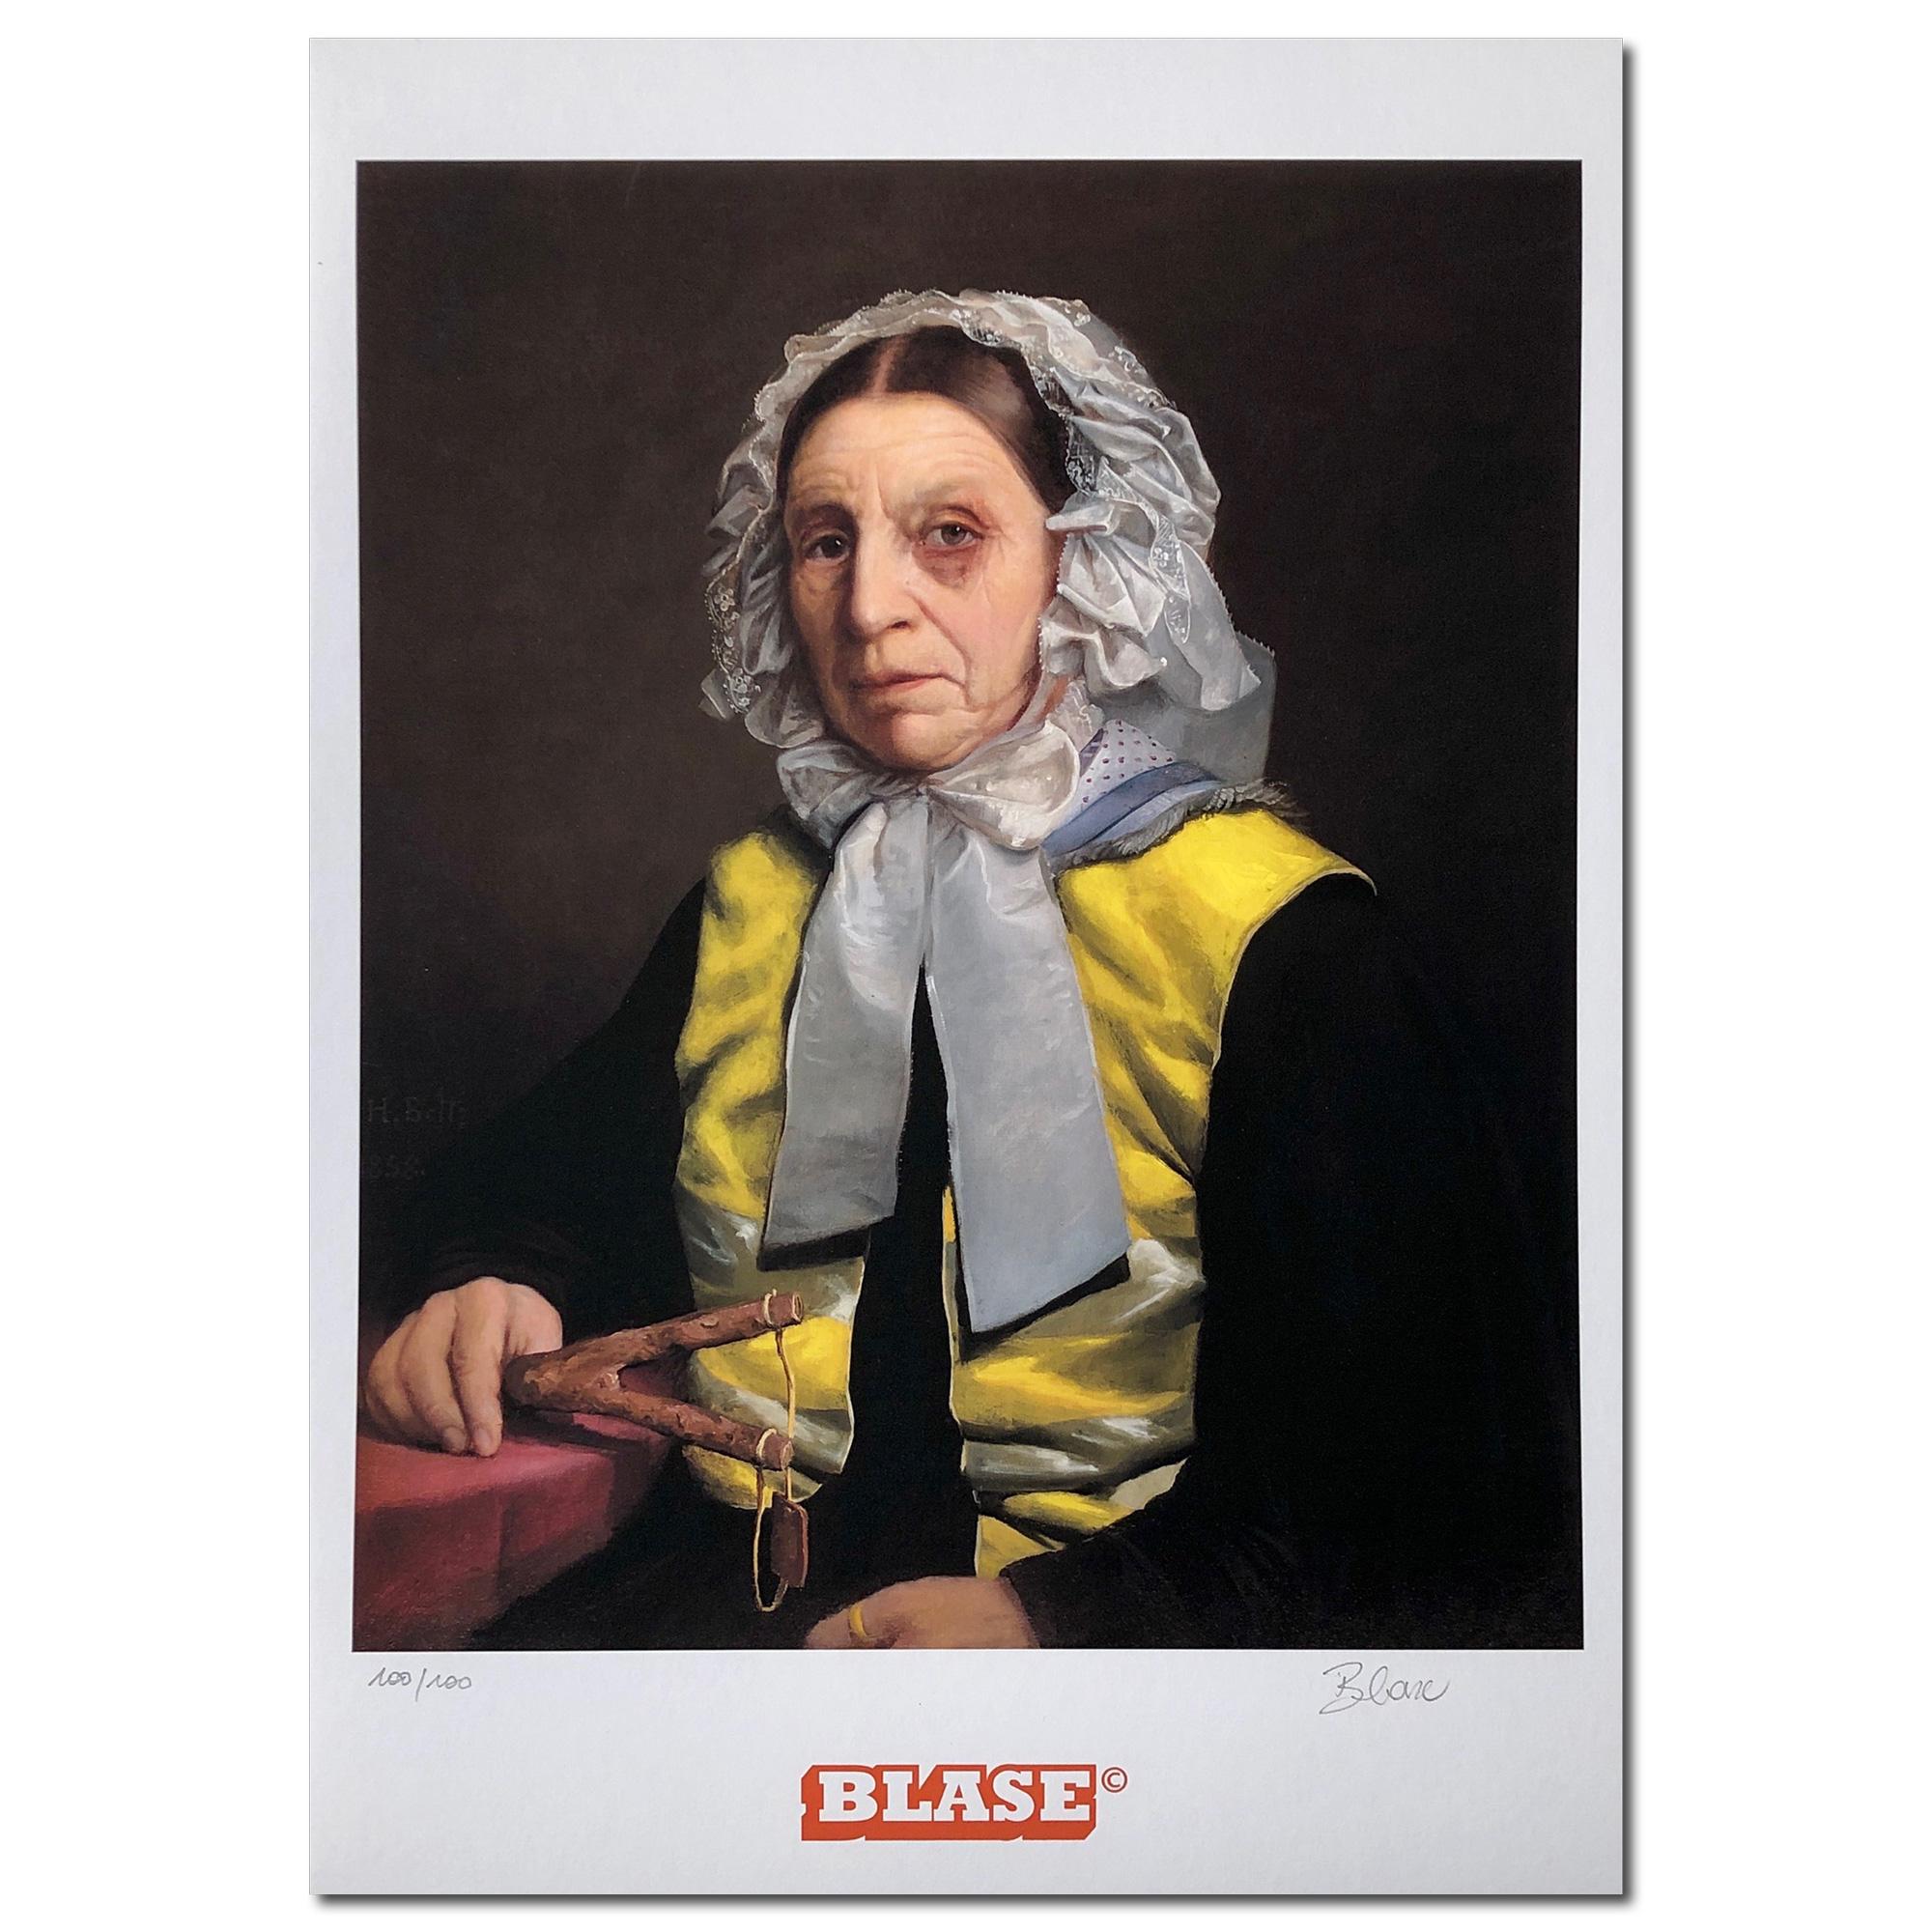 BLASE - Aux Armes, et Caetera (print)